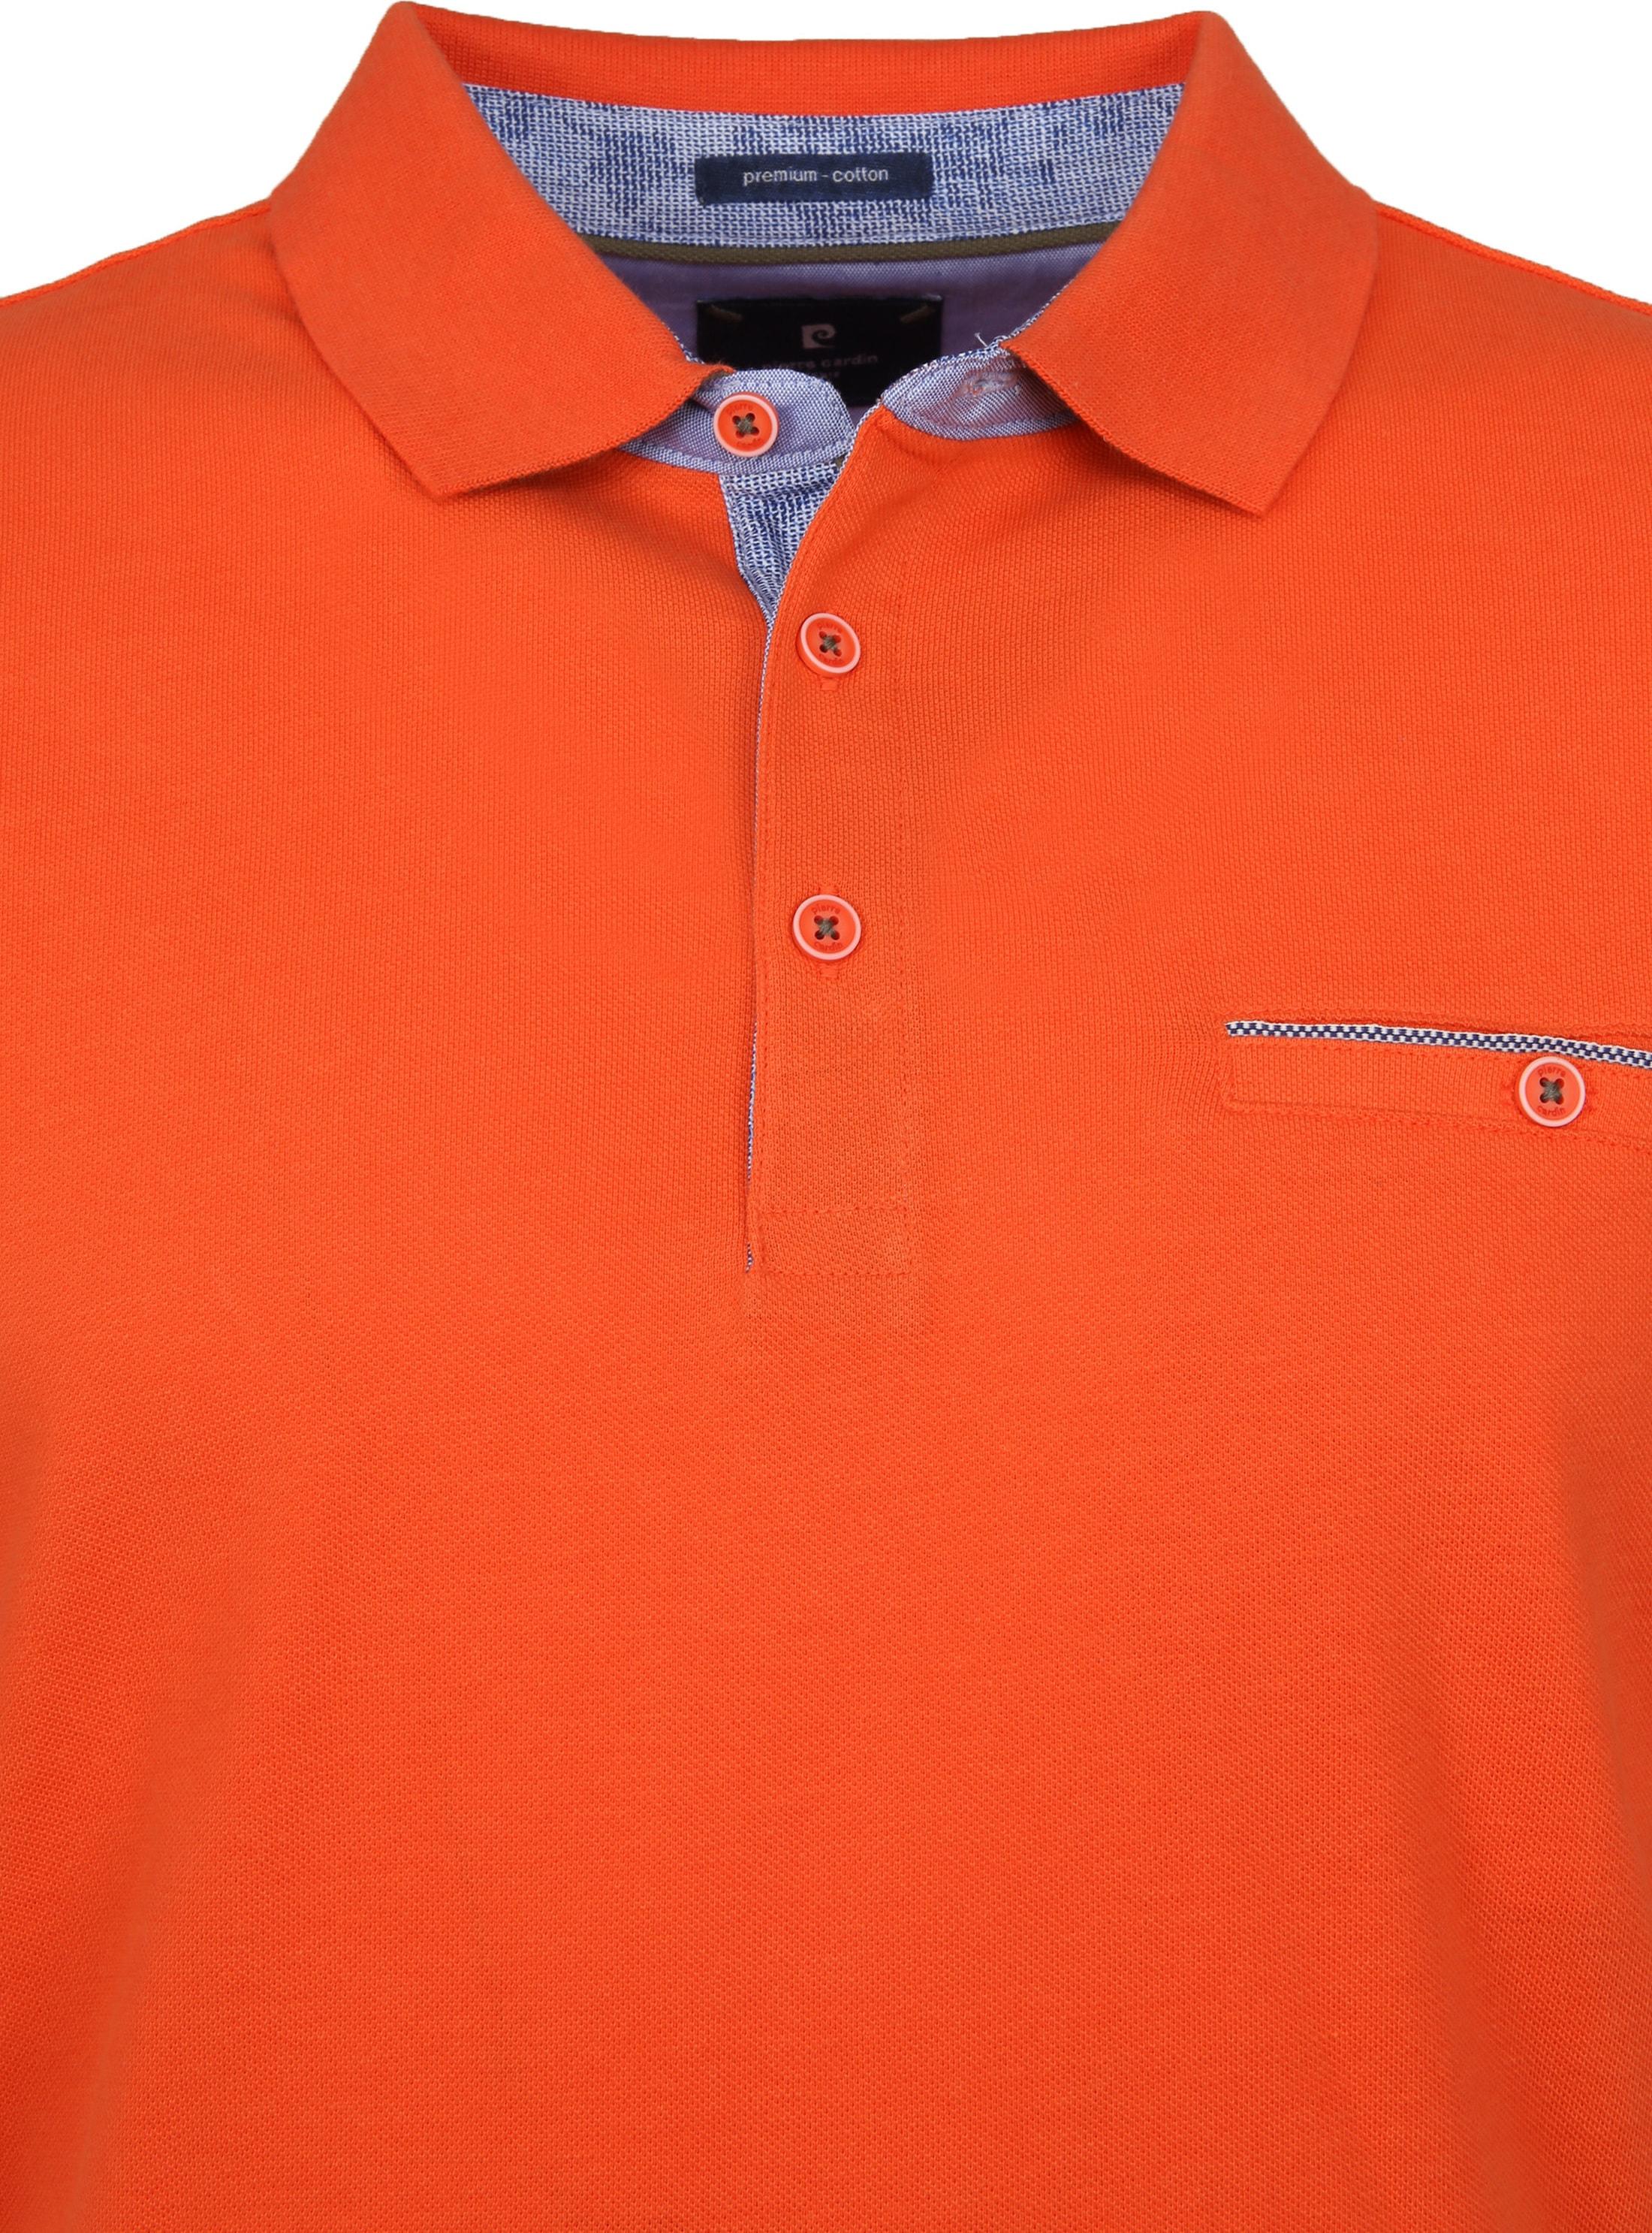 Pierre Cardin Polo Airtouch Oranje foto 1